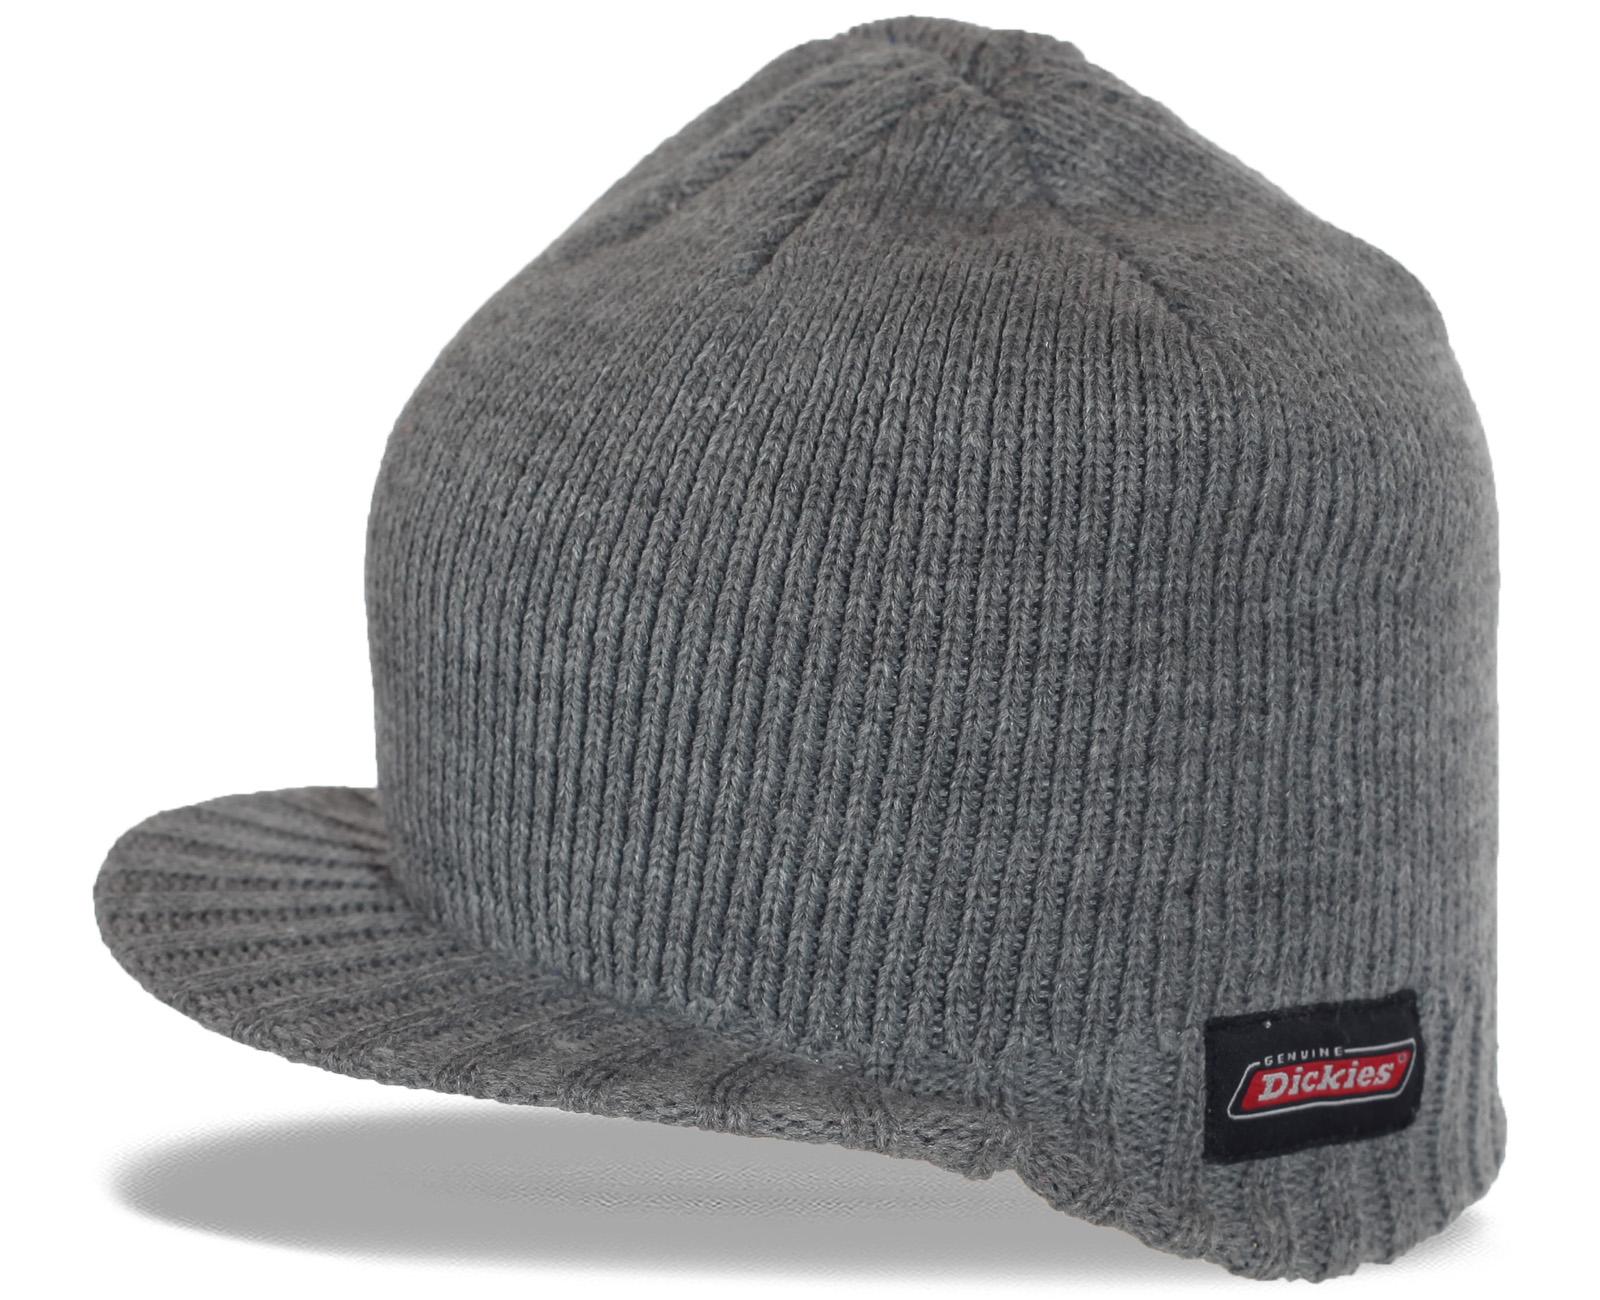 Достойный мужской выбор – трикотажная шапка с козырьком Dickies. Надежность и качество в сочетании с комфортом